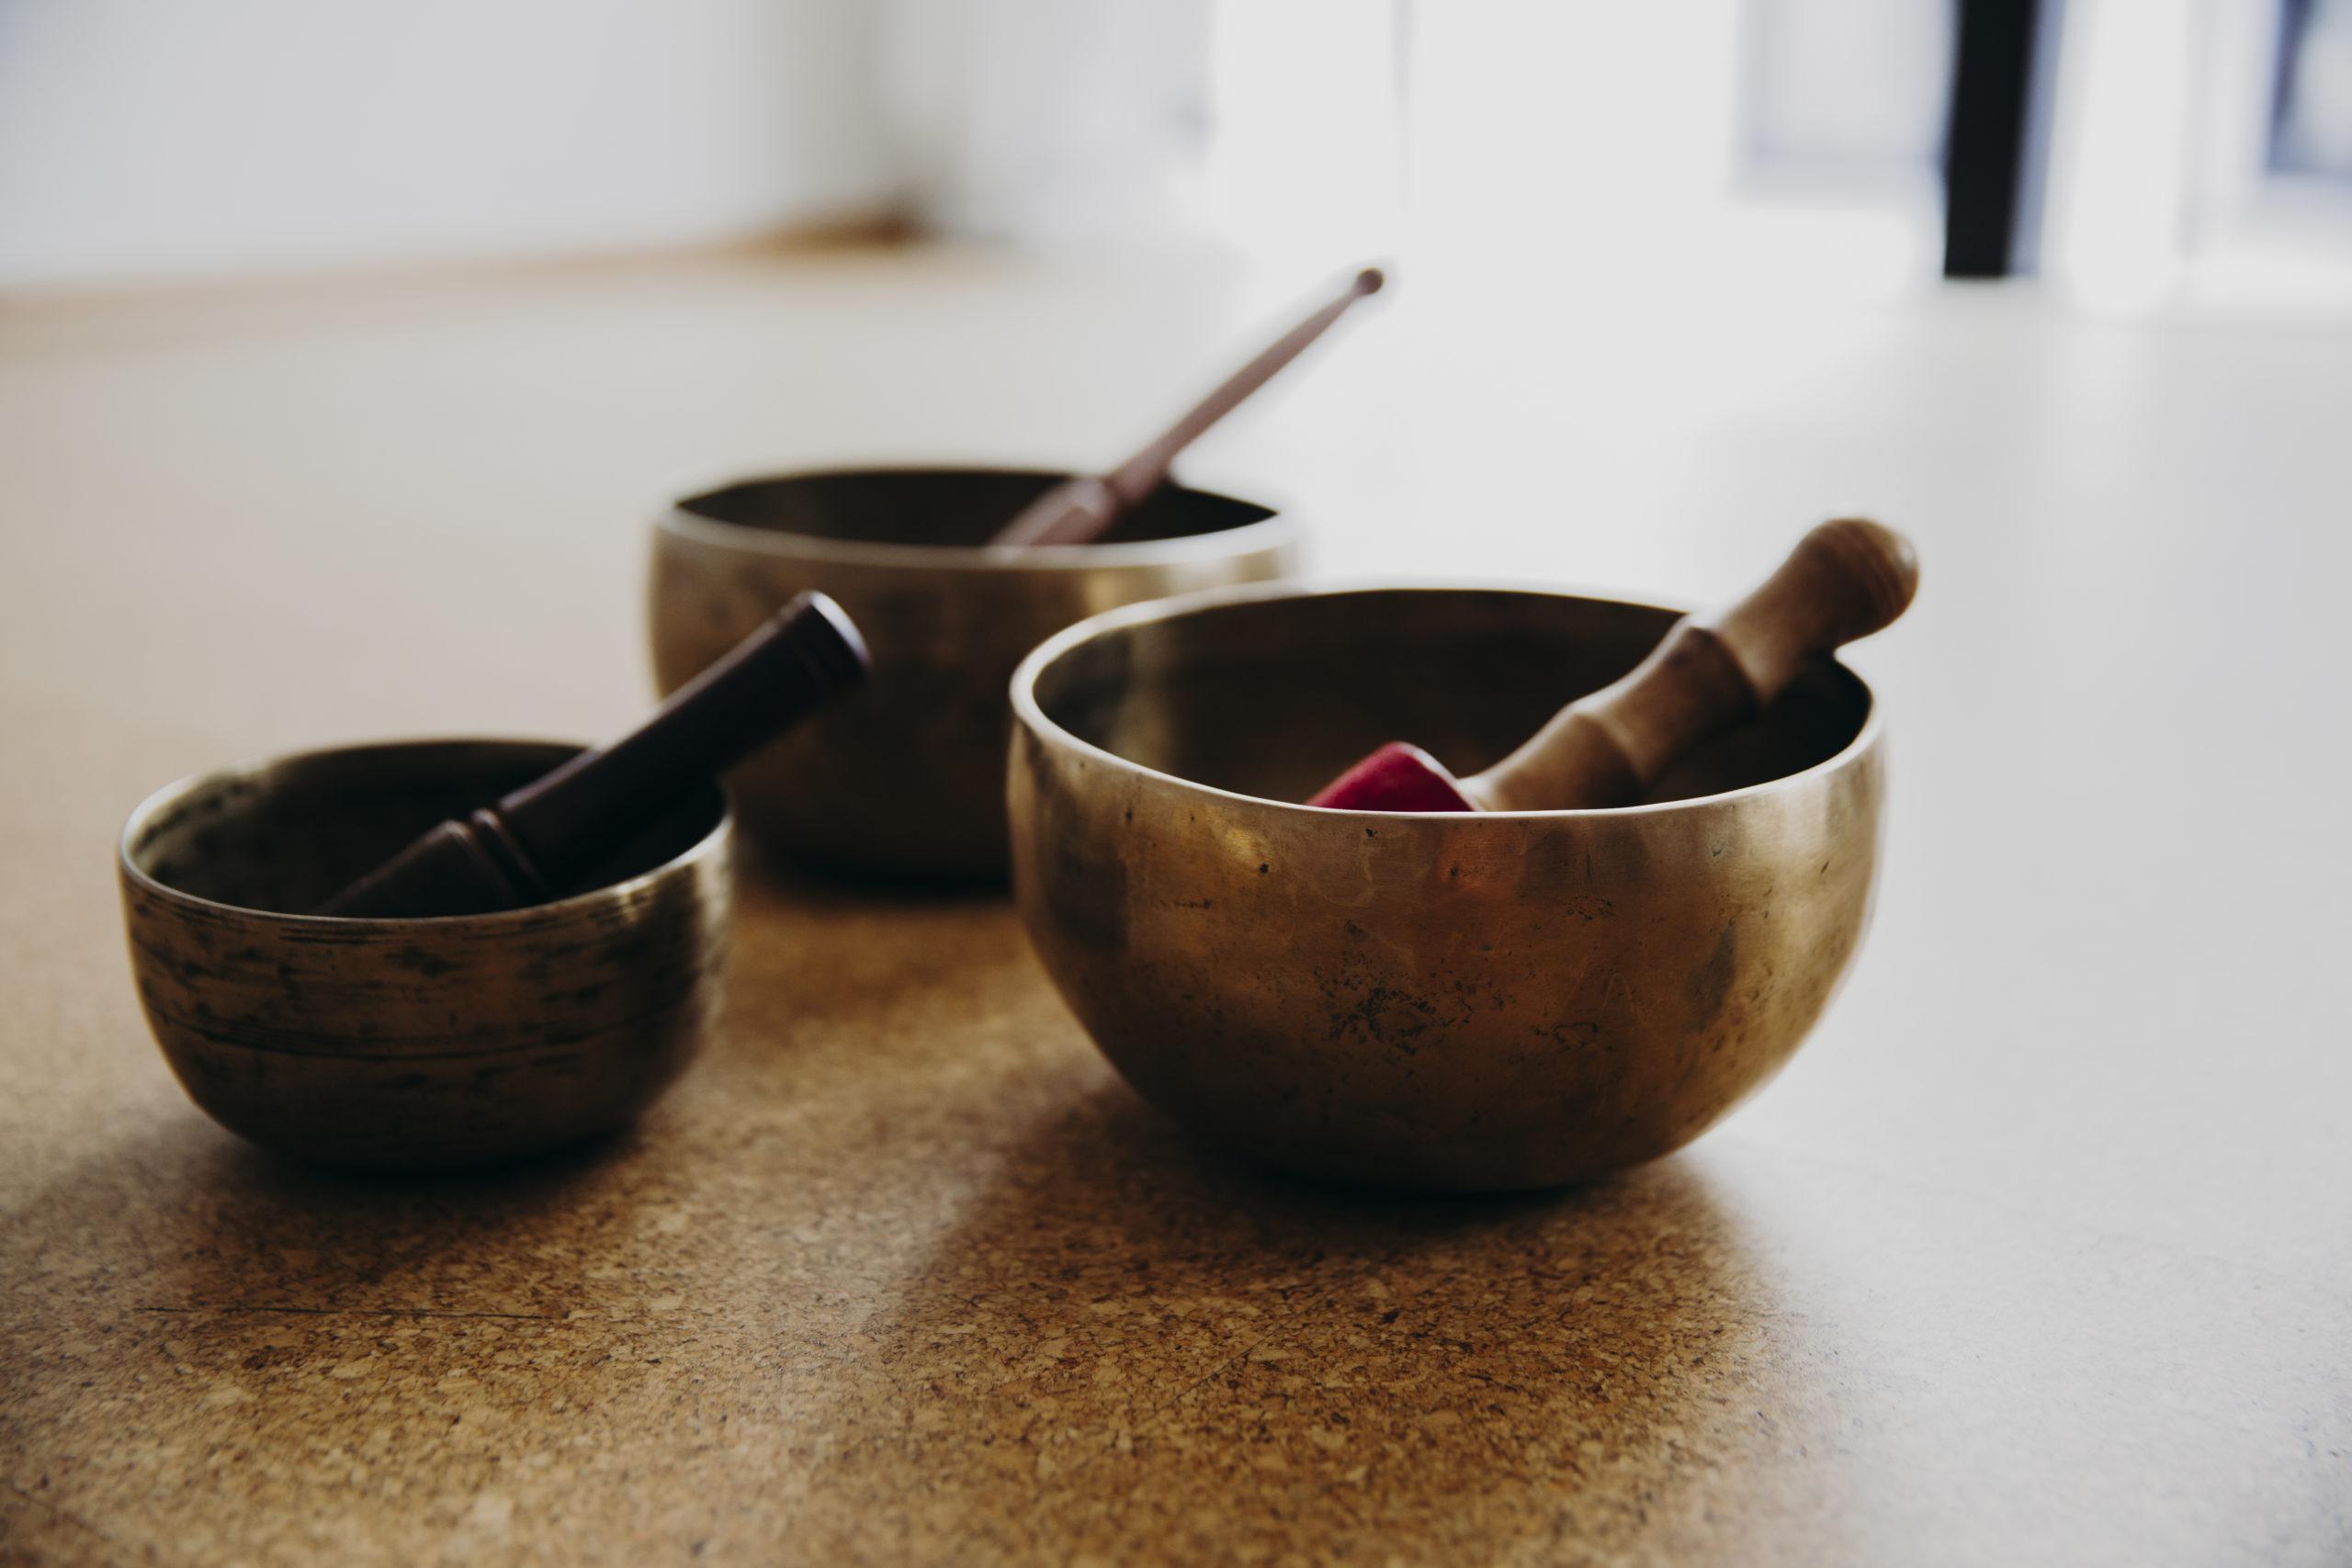 Klangvolle Yogastunden, Shankari Susanne Hill, For Heart'n'Soul